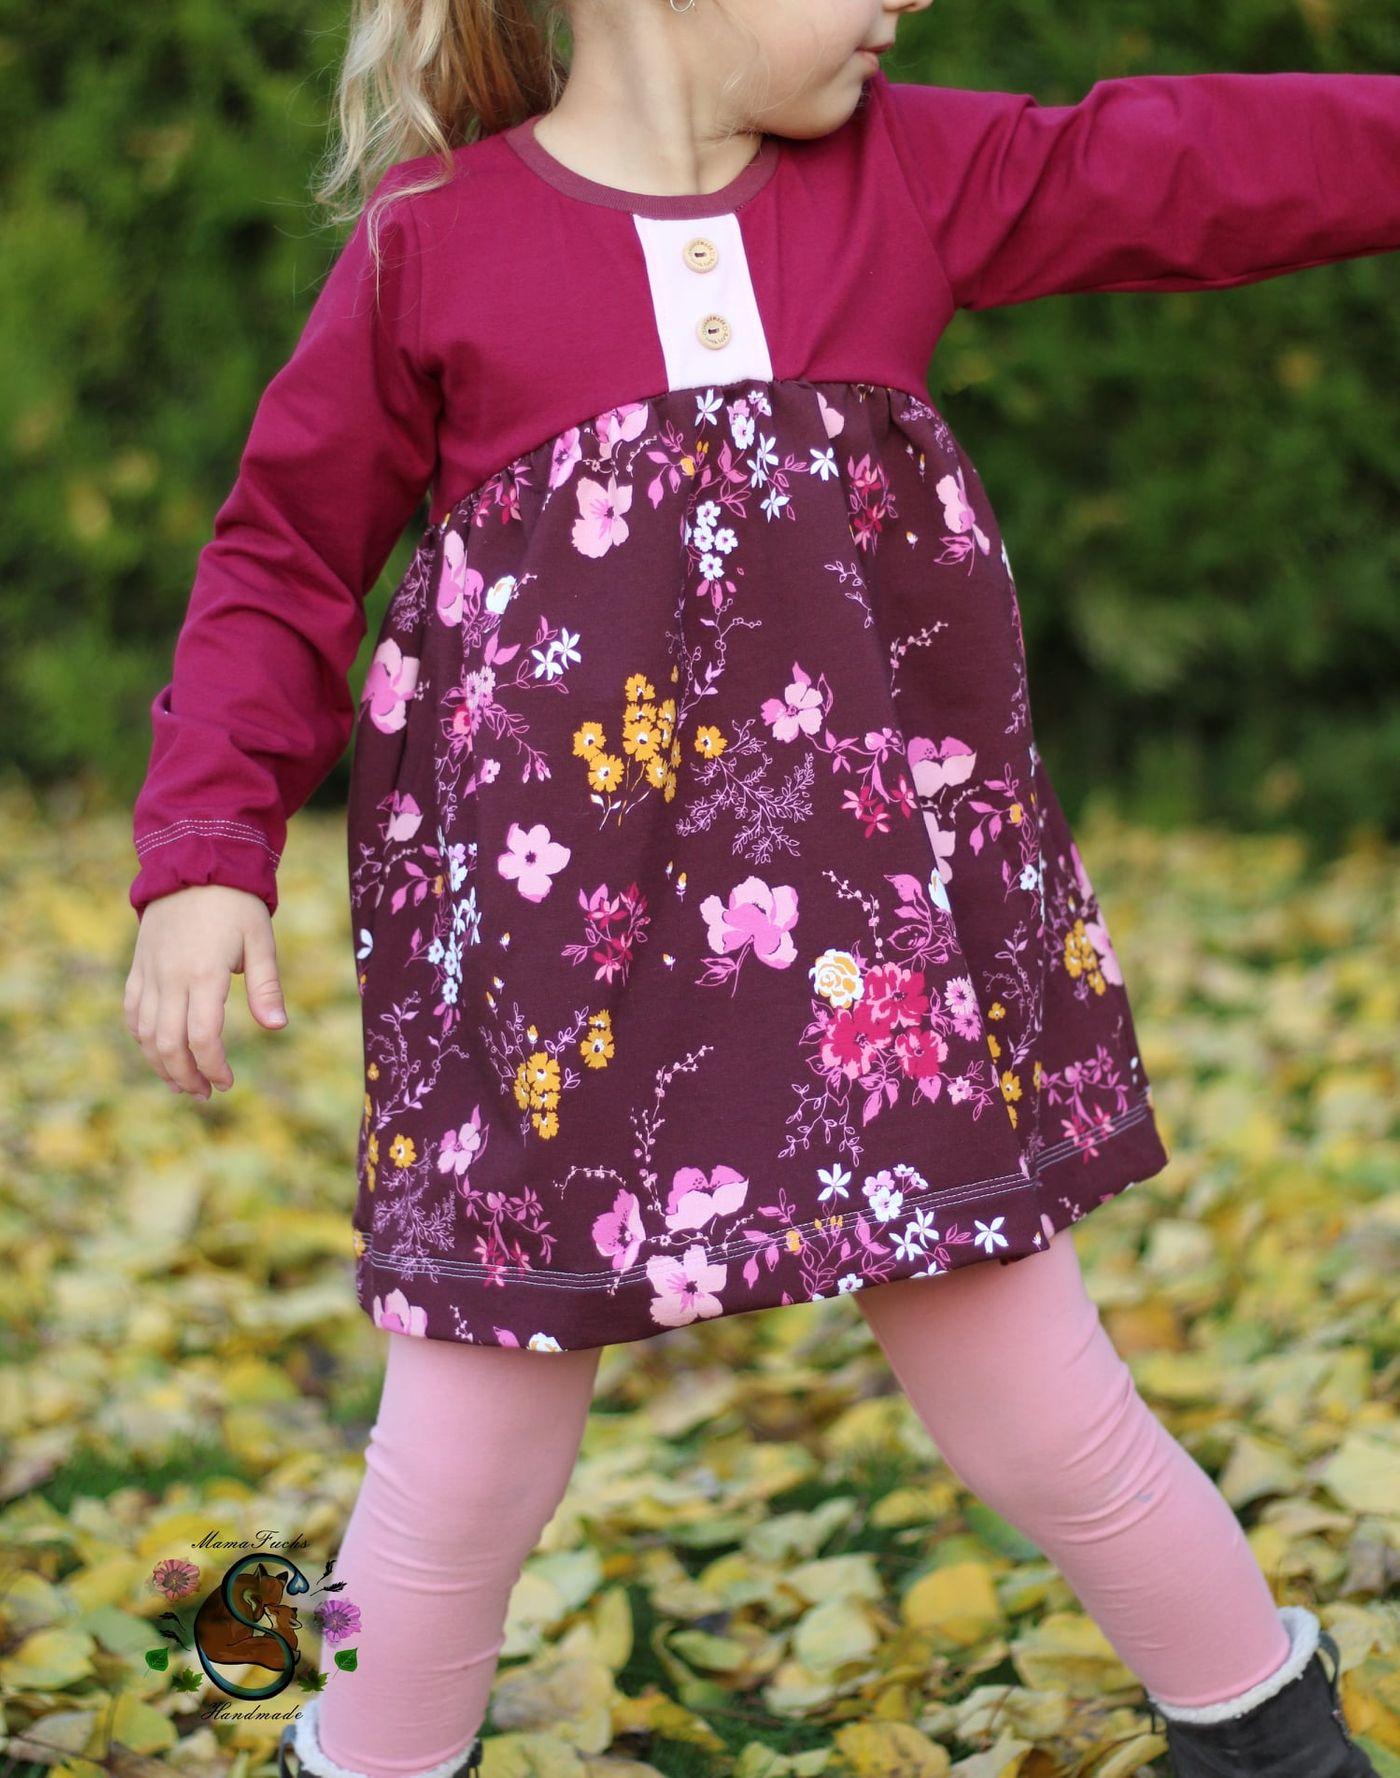 Produktfoto 13 von Happy Pearl für Schnittmuster Little Keyla + Happy Keyla - Tunika und 43cm Puppenschnitt